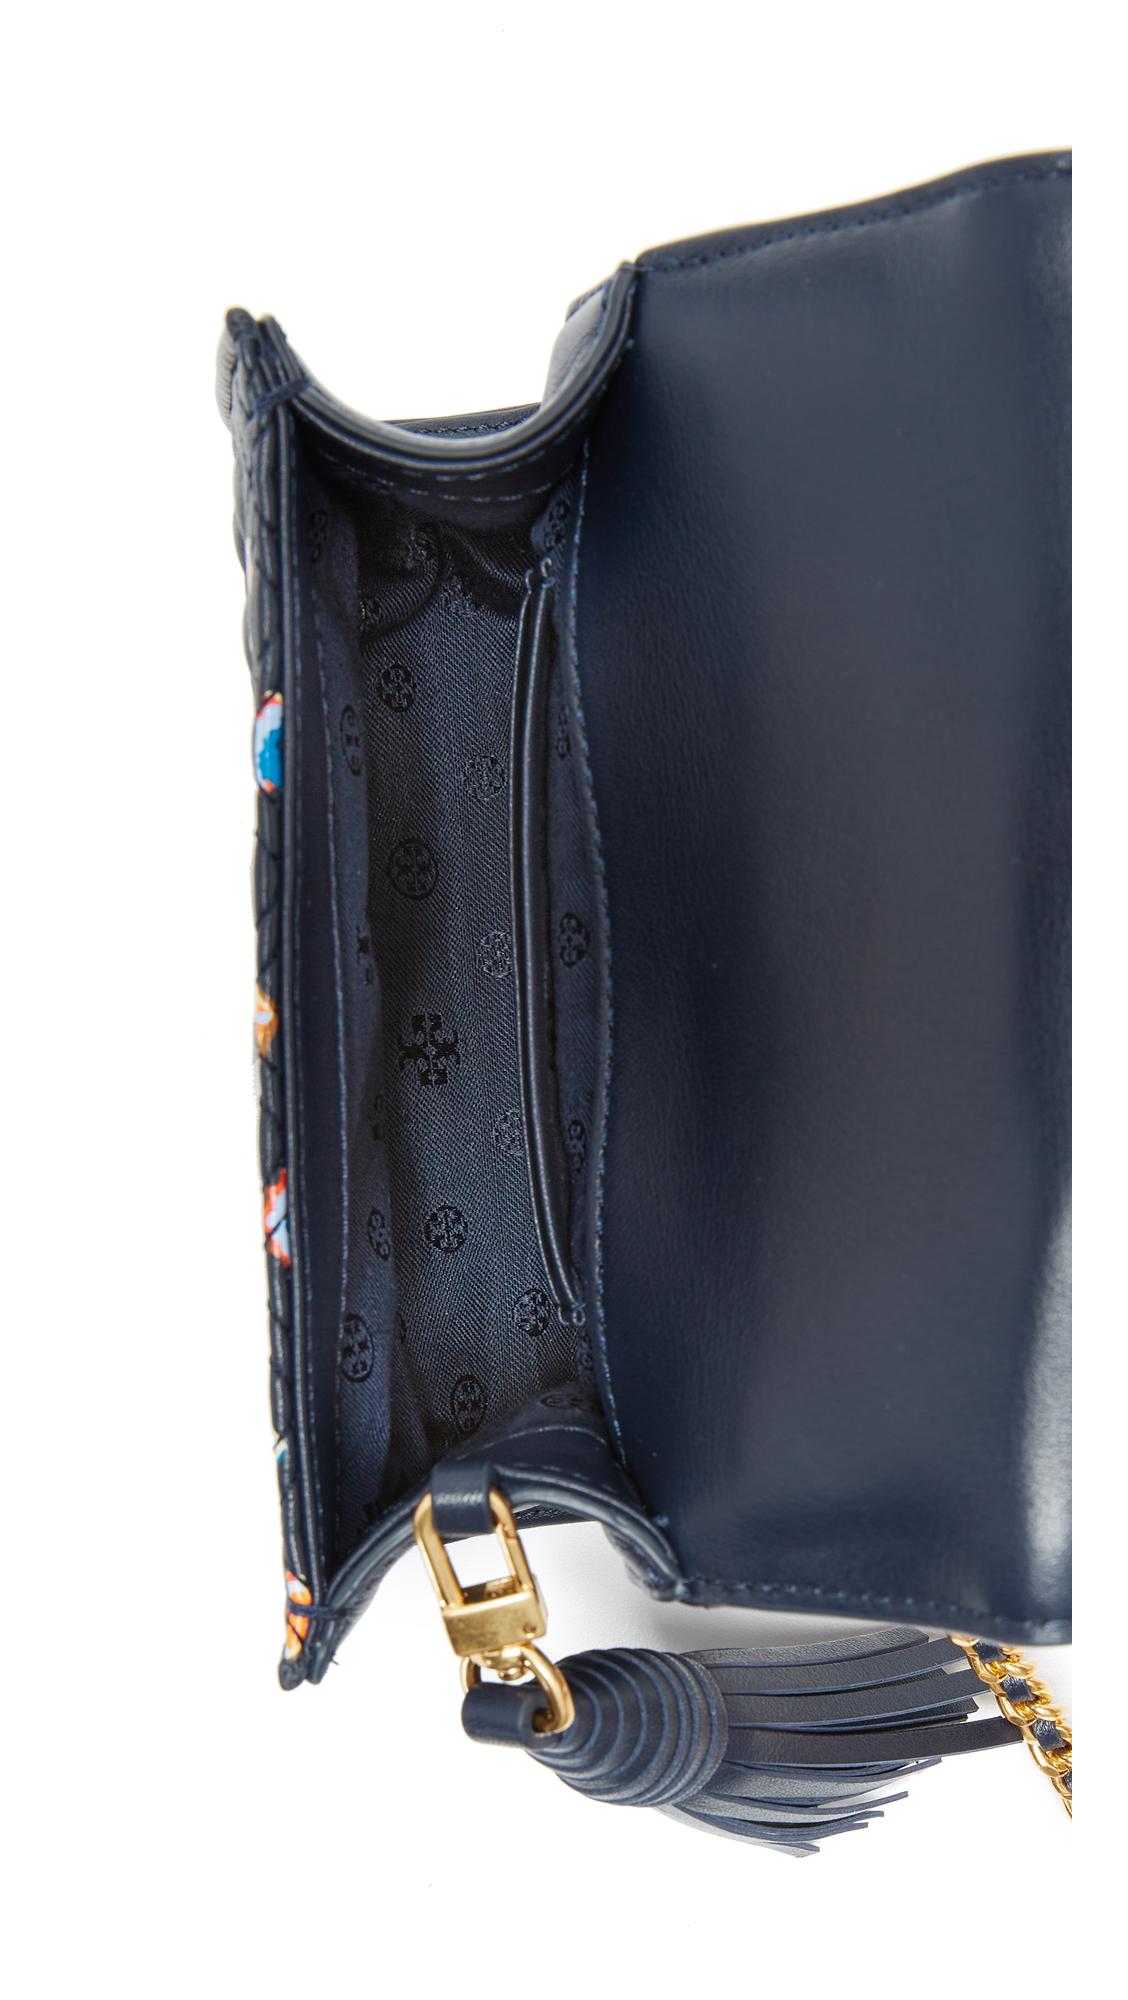 86e40dd01bb9 Tory Burch Fleming Printed Micro Cross Body Bag